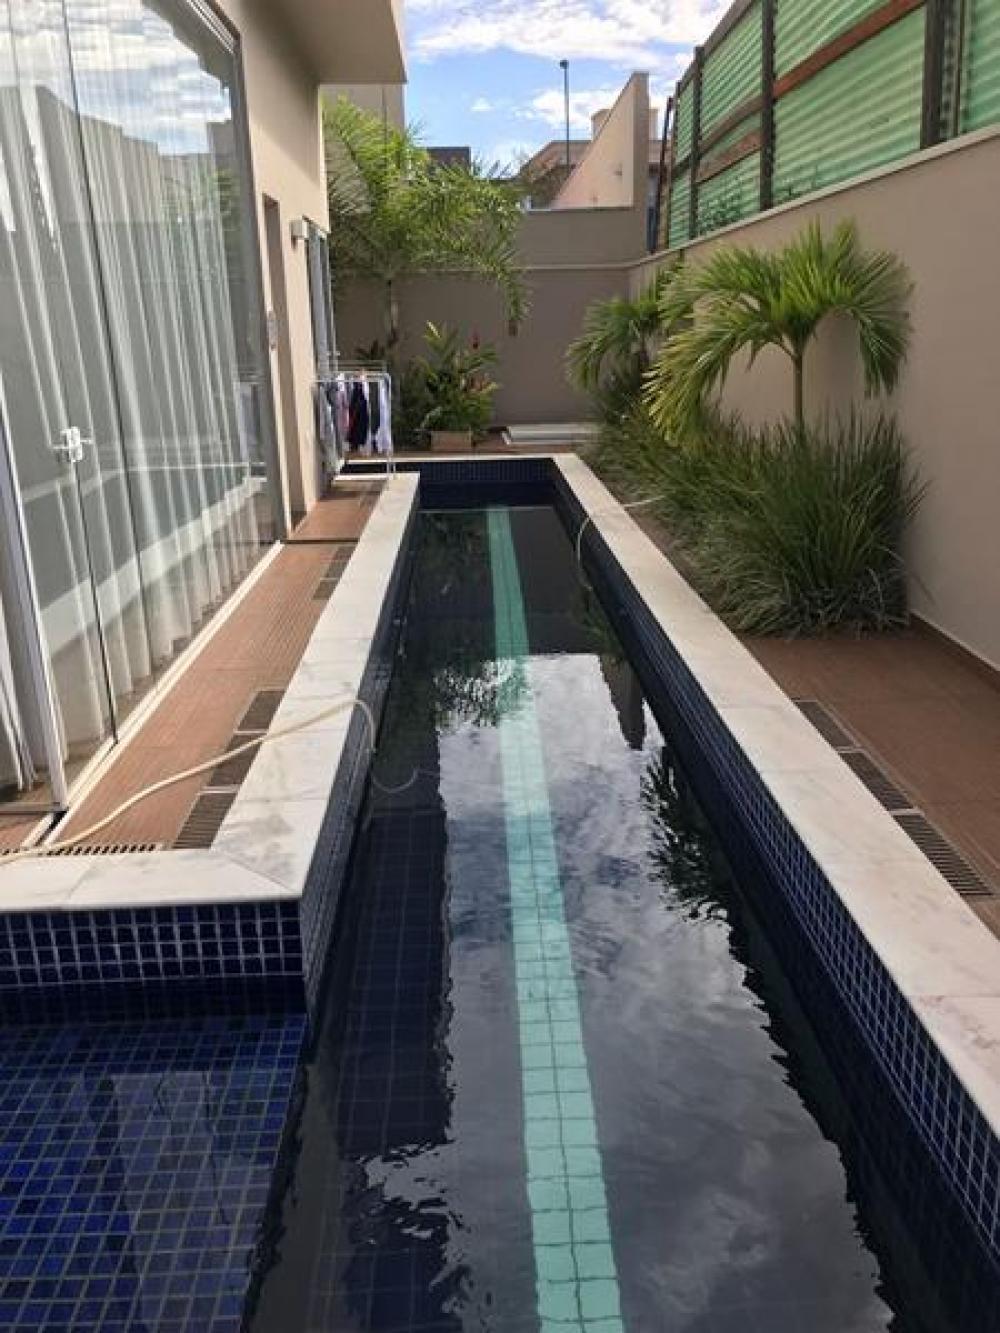 Sao Jose do Rio Preto Casa Venda R$2.900.000,00 Condominio R$700,00 4 Dormitorios 1 Suite Area do terreno 500.00m2 Area construida 420.00m2